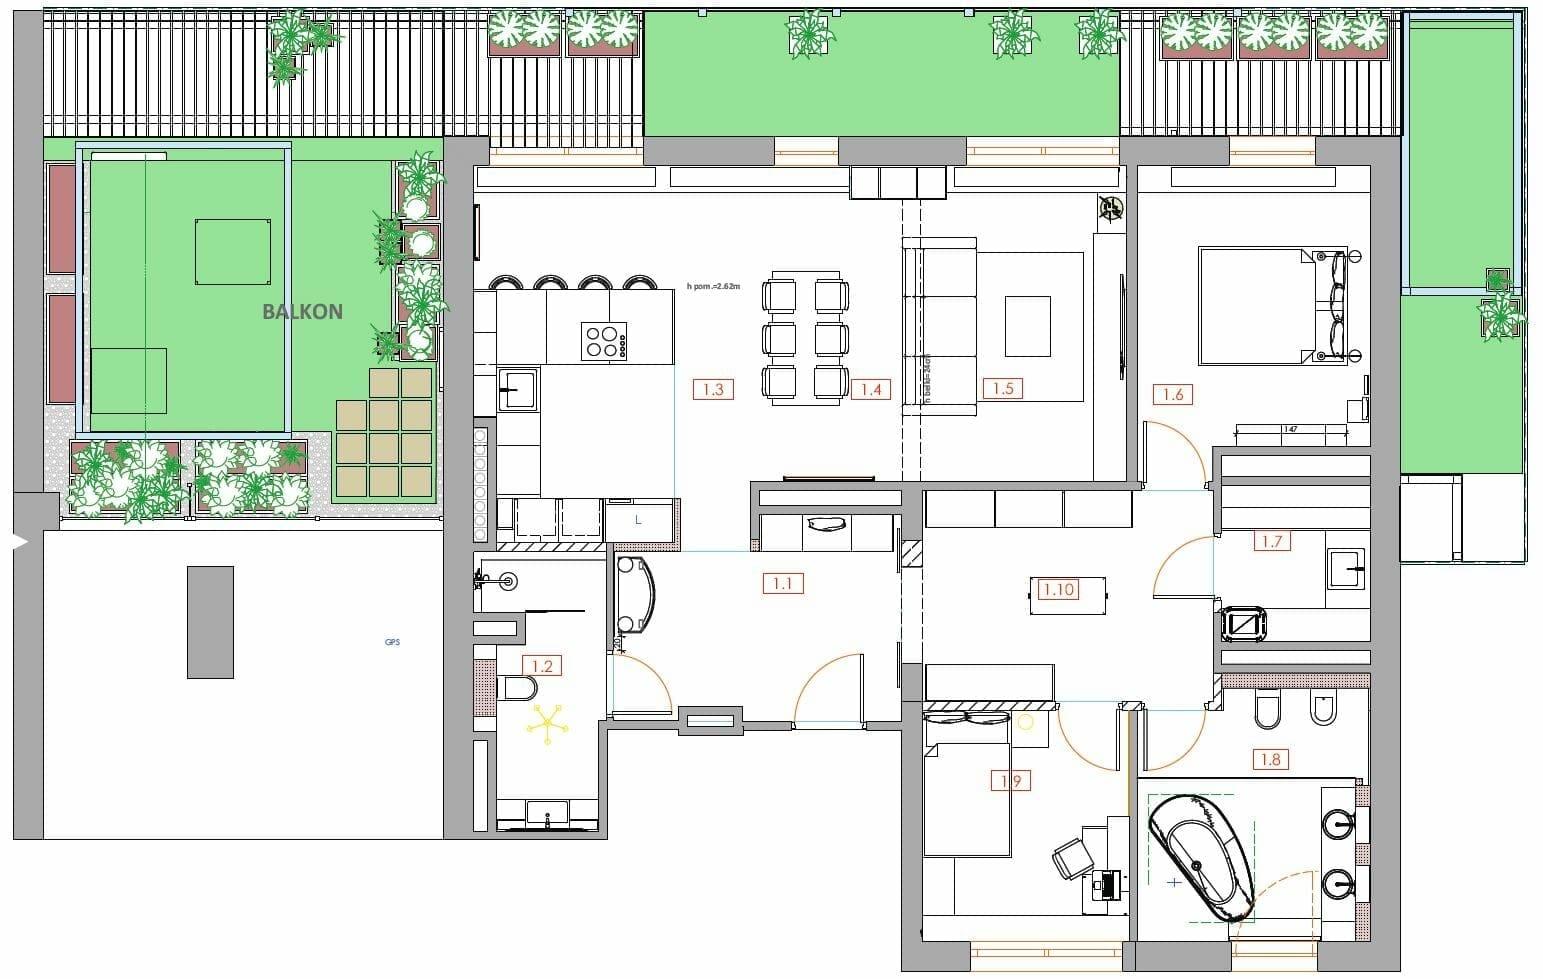 Układ, funkcjonalny, apartament, interior design, architektura wnętrz, Rzeszów, projektowanie wnetrz, Krakow, Rzeszow